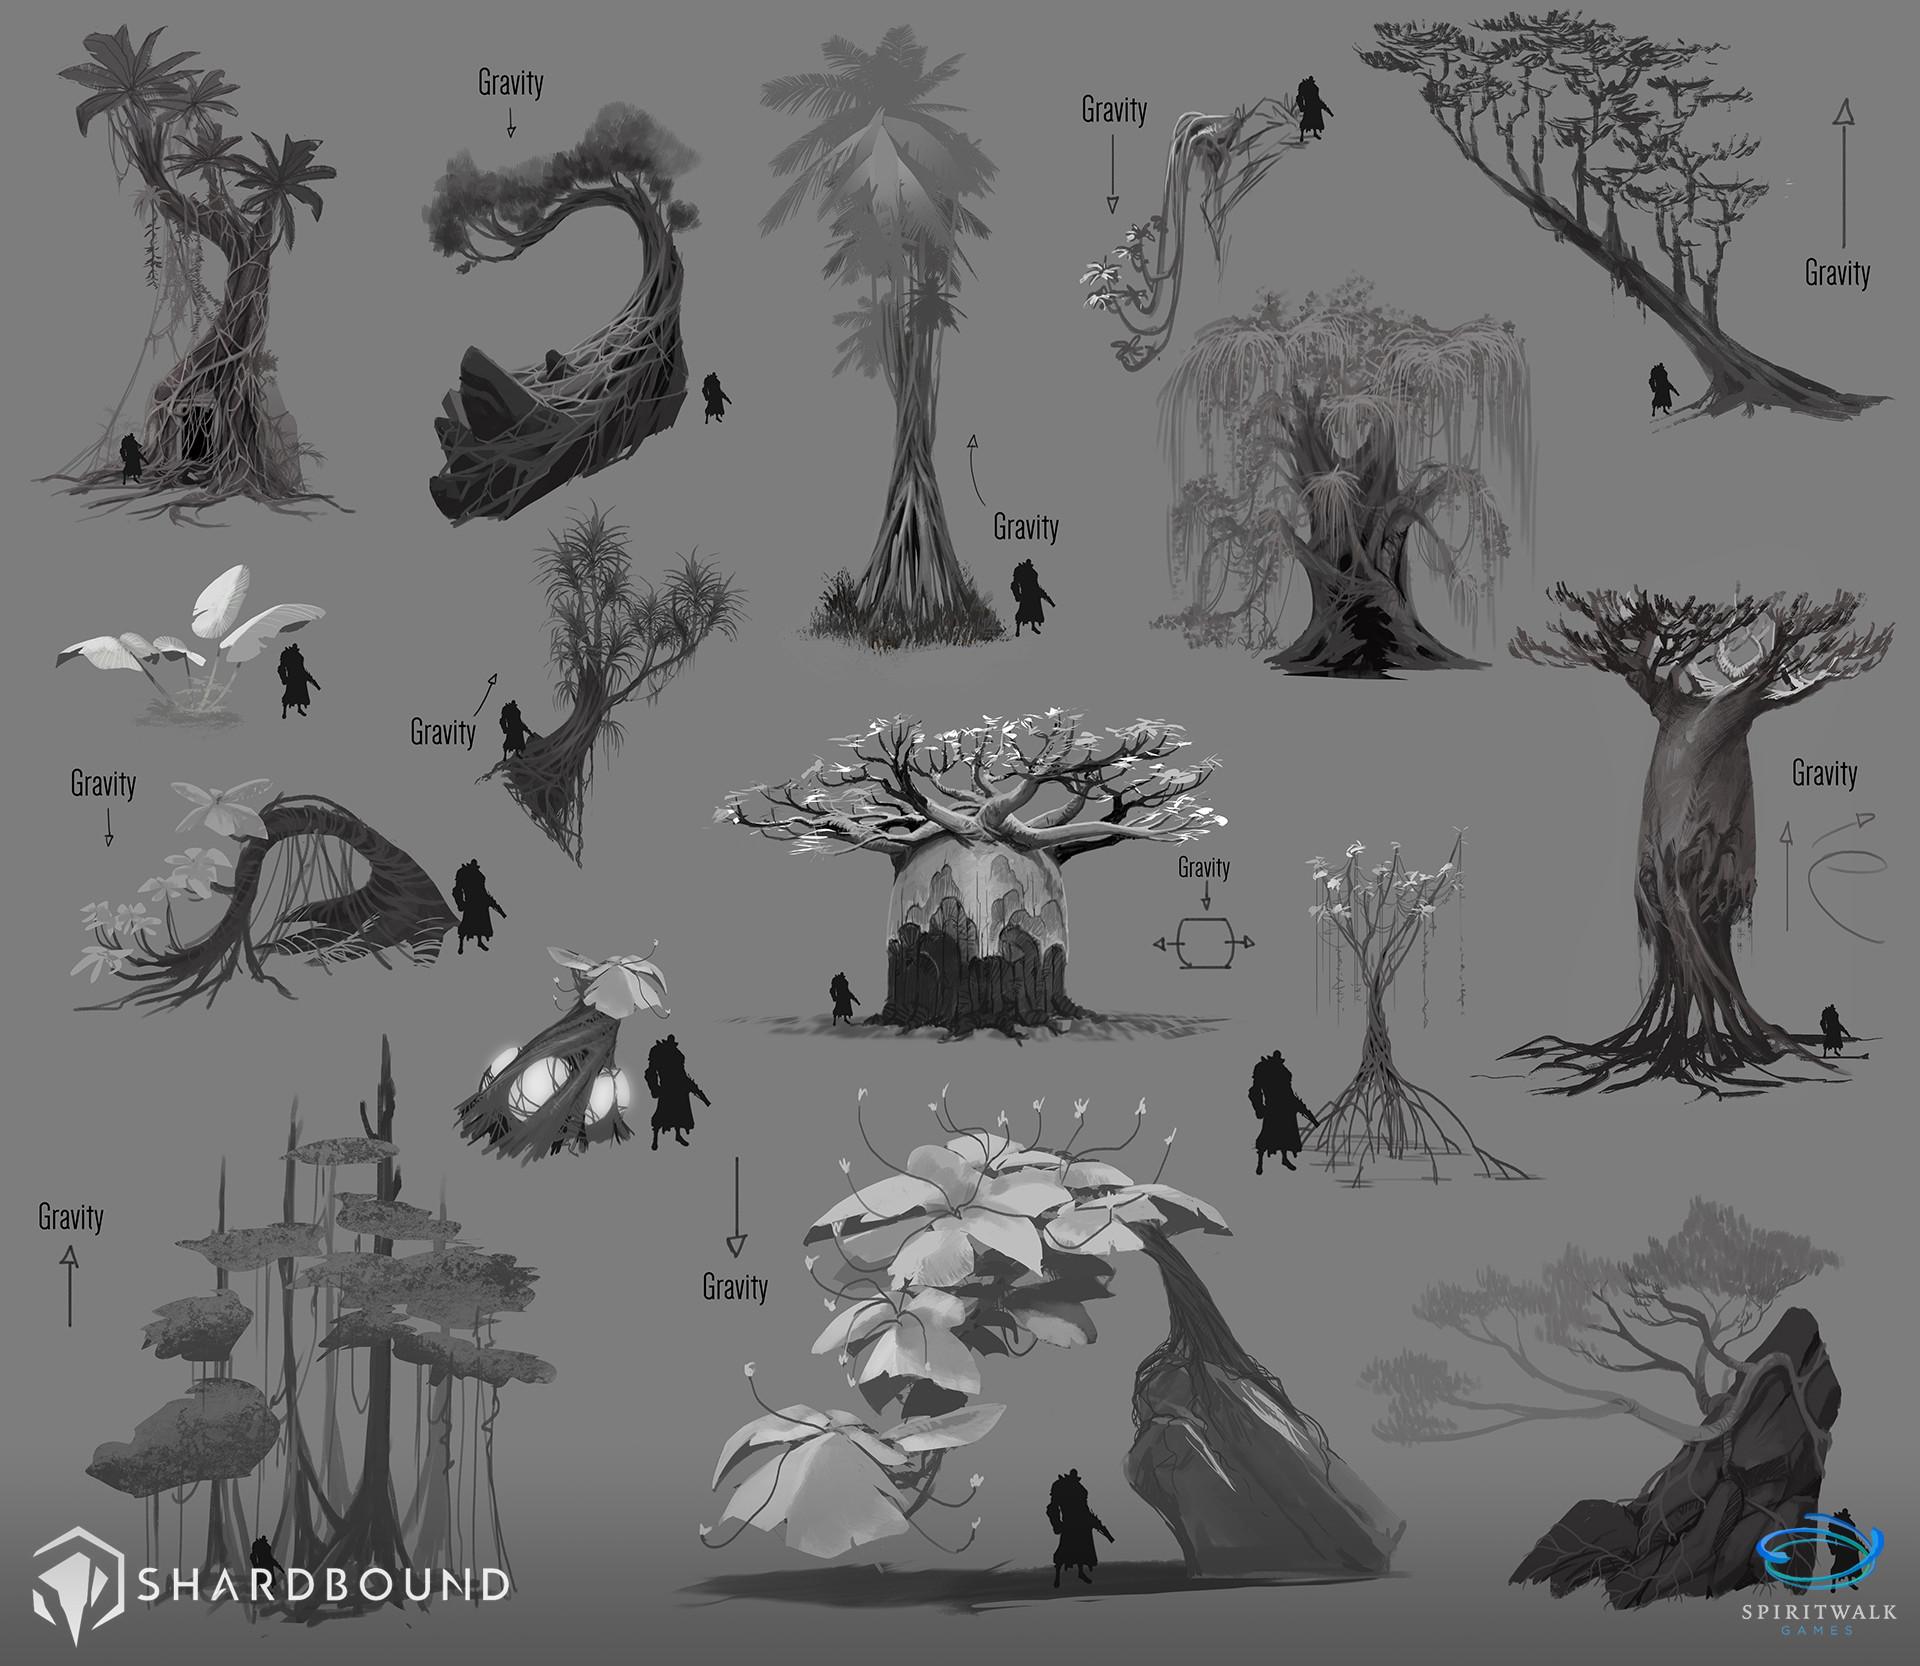 David alvarez dalvarez shardbound trees 03